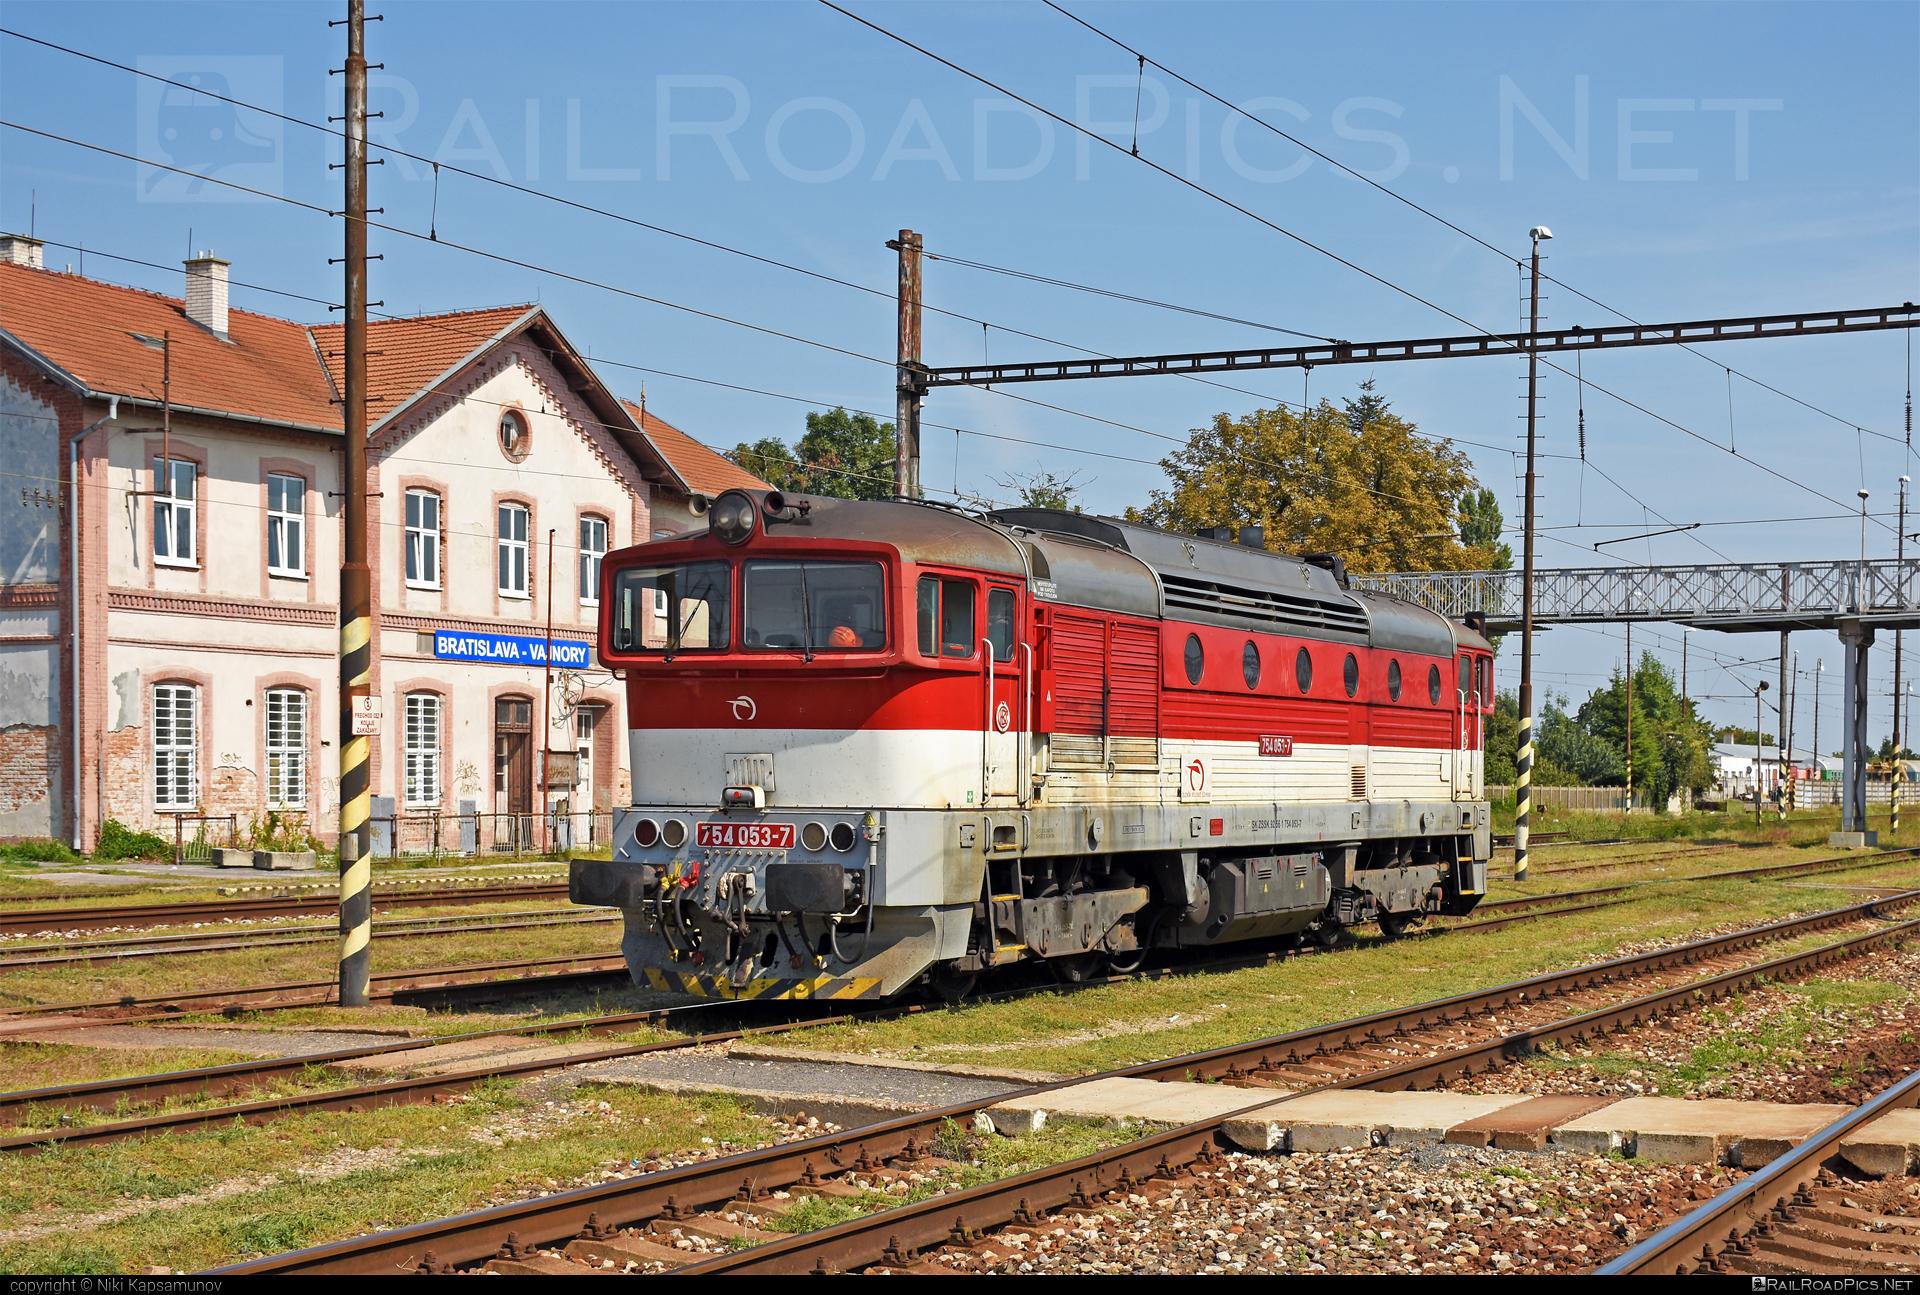 ČKD T 478.4 (754) - 754 053-7 operated by Železničná Spoločnost' Slovensko, a.s. #ZeleznicnaSpolocnostSlovensko #brejlovec #ckd #ckd4784 #ckd754 #ckdt4784 #lokomotiva754 #okuliarnik #zssk